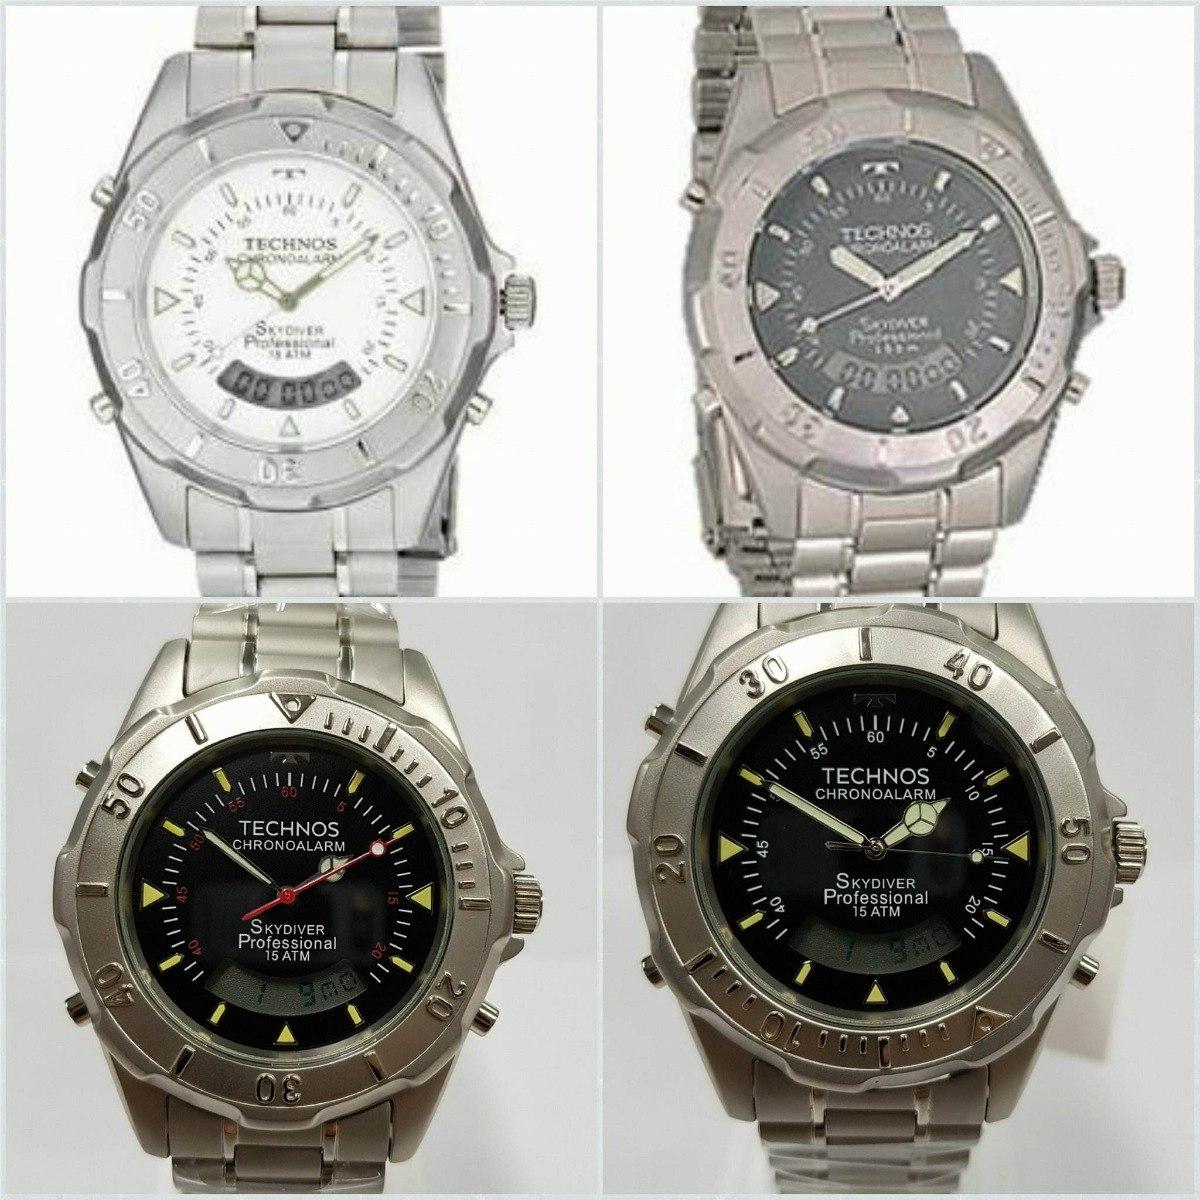 d8810eda82530 relógio technos masculino skydiver 4 fundos - promoção ! Carregando zoom.